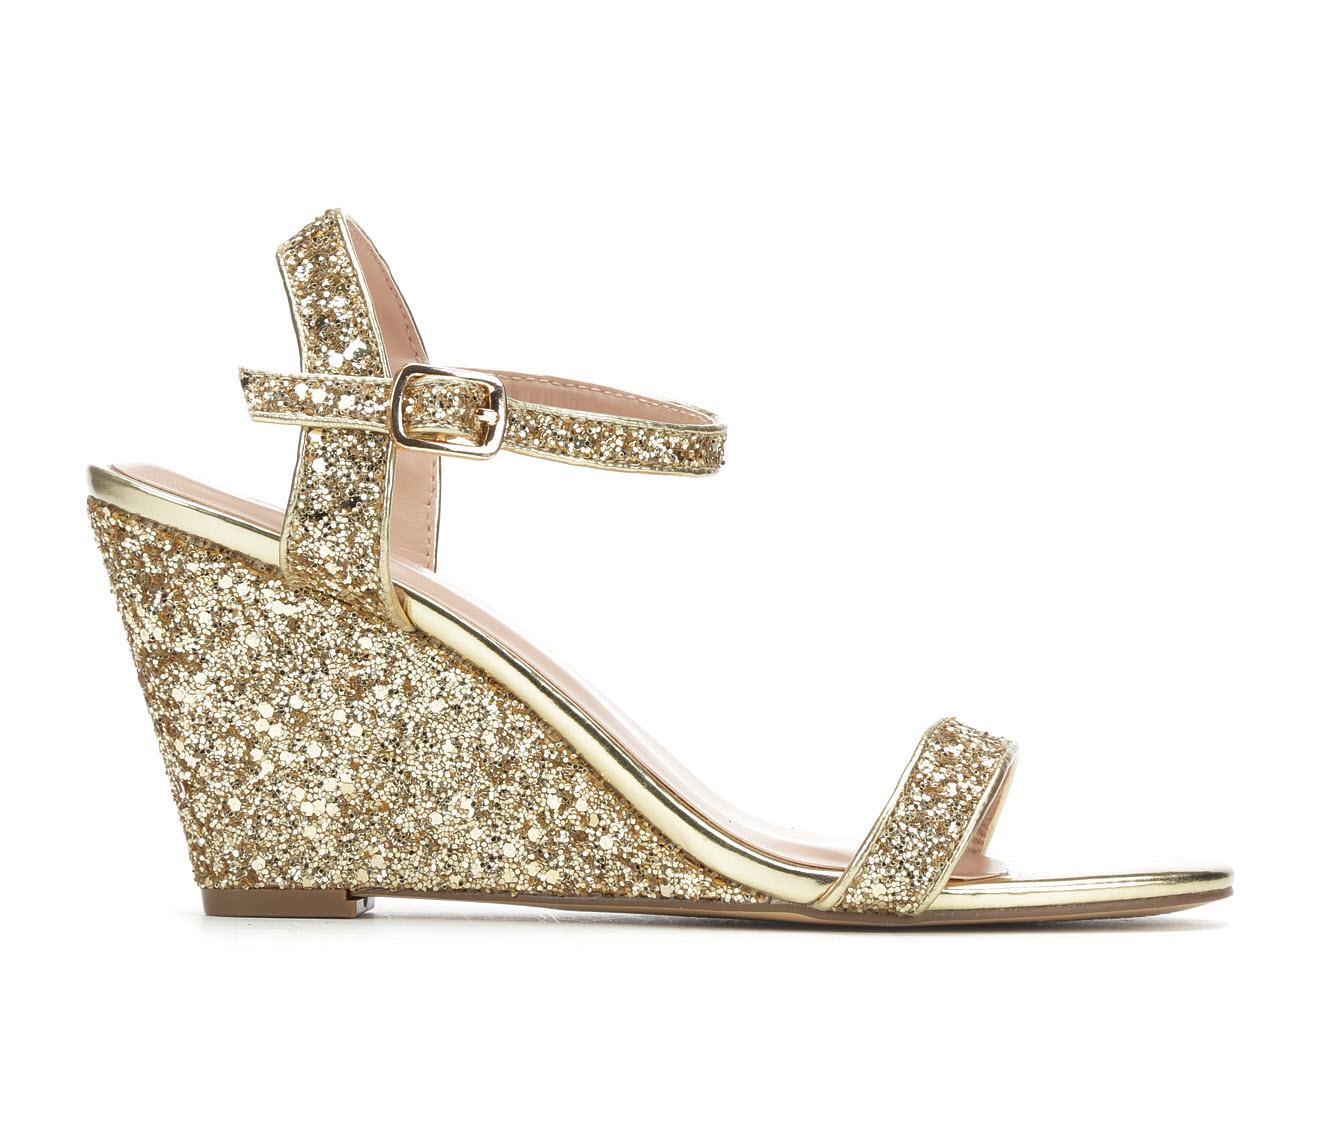 LLorraine Goldie Women's Dress Shoe (Gold Faux Leather)